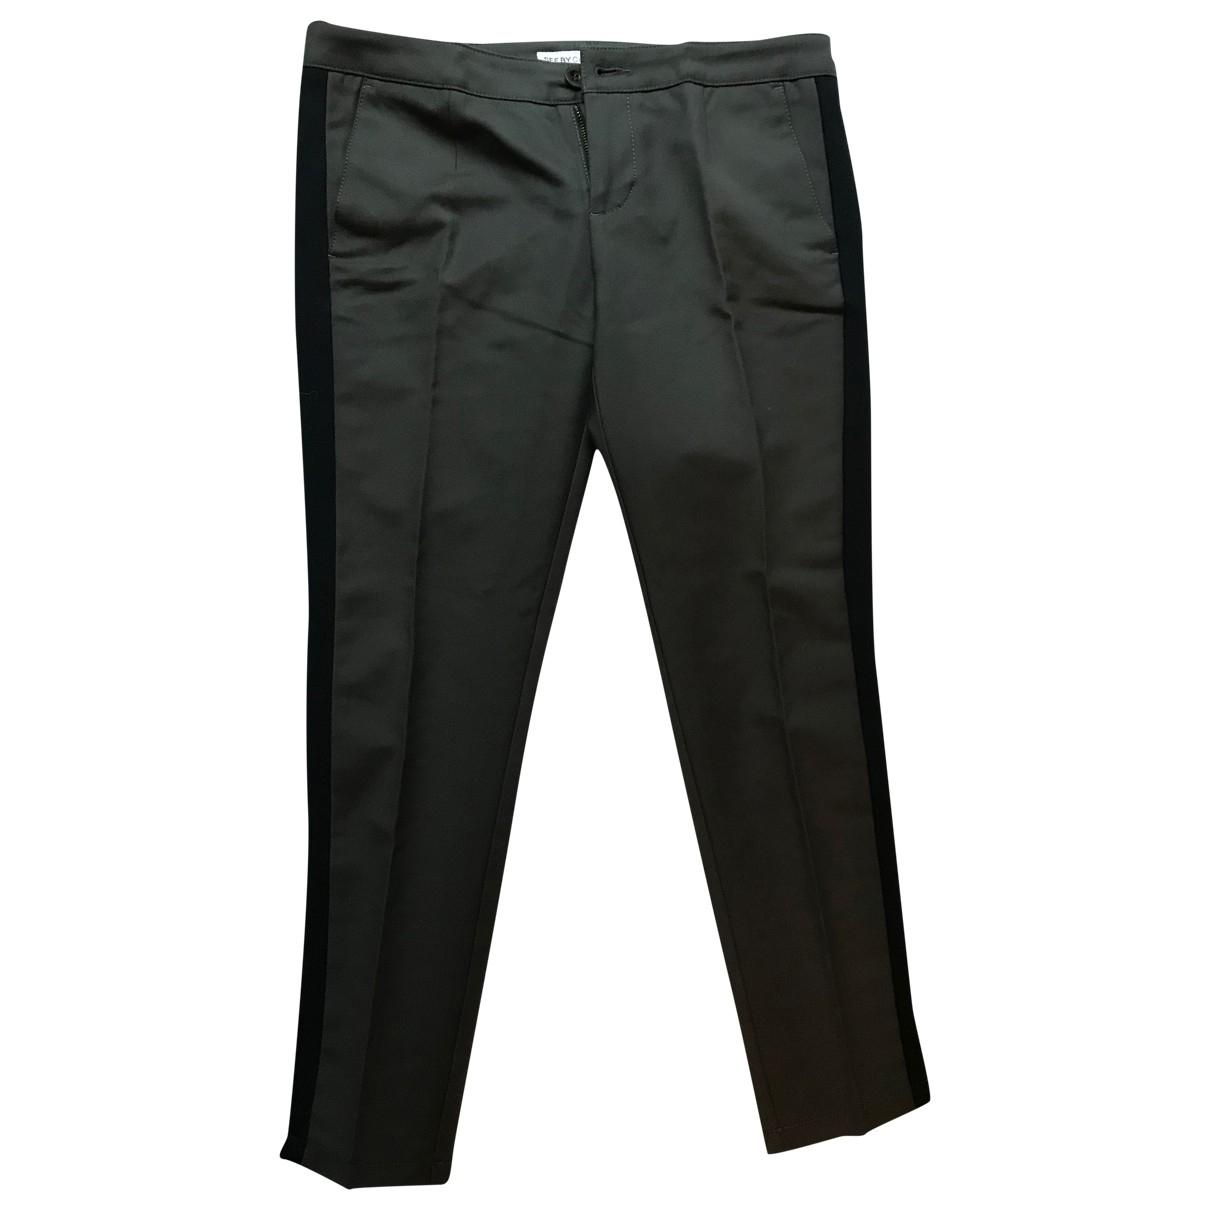 Pantalon pitillo See By Chloe